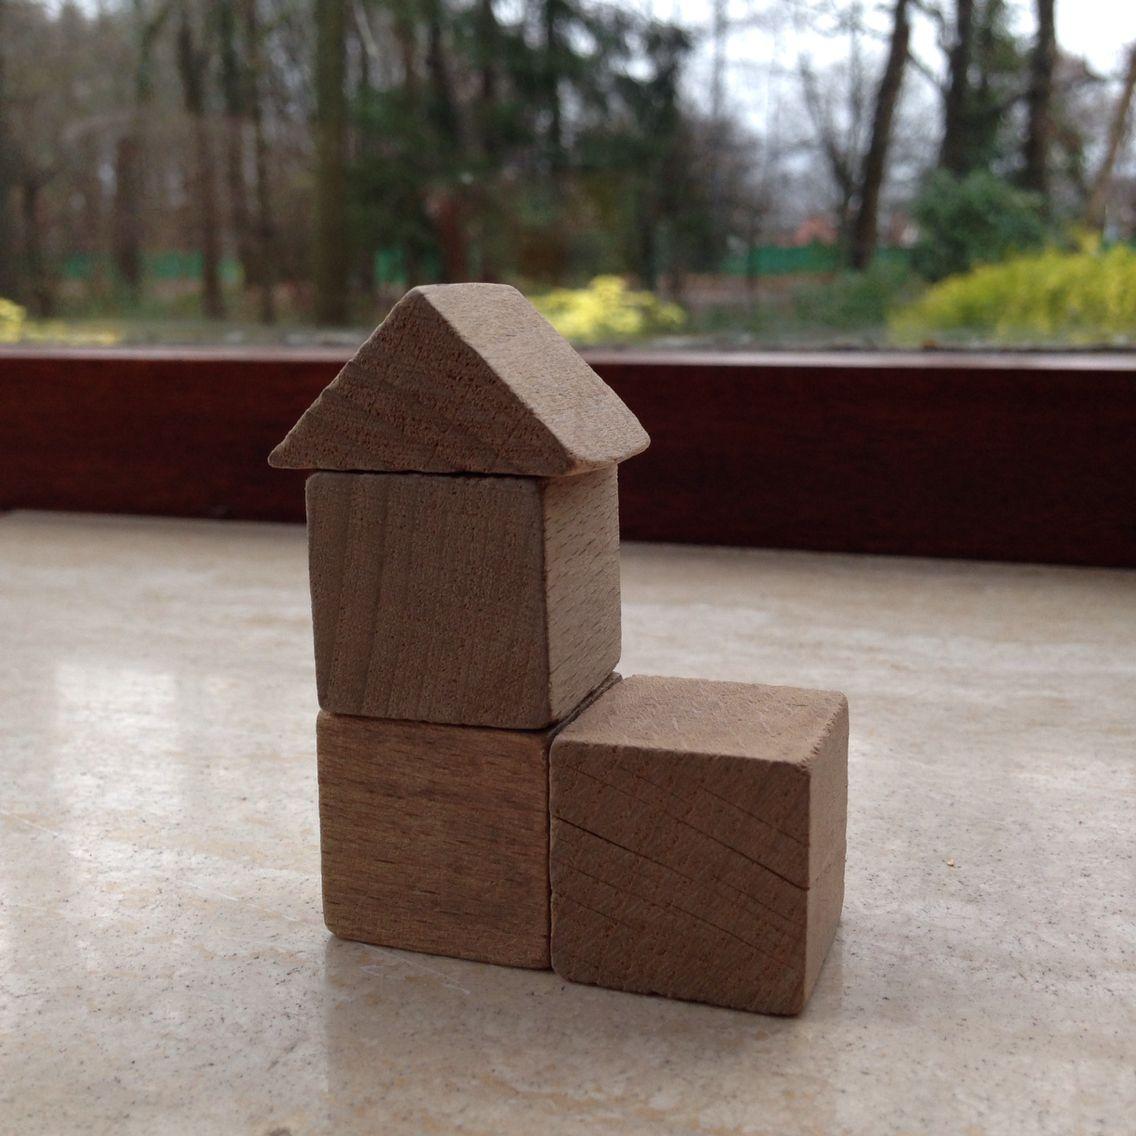 Bouwen met kubus en halve kubus. 8.